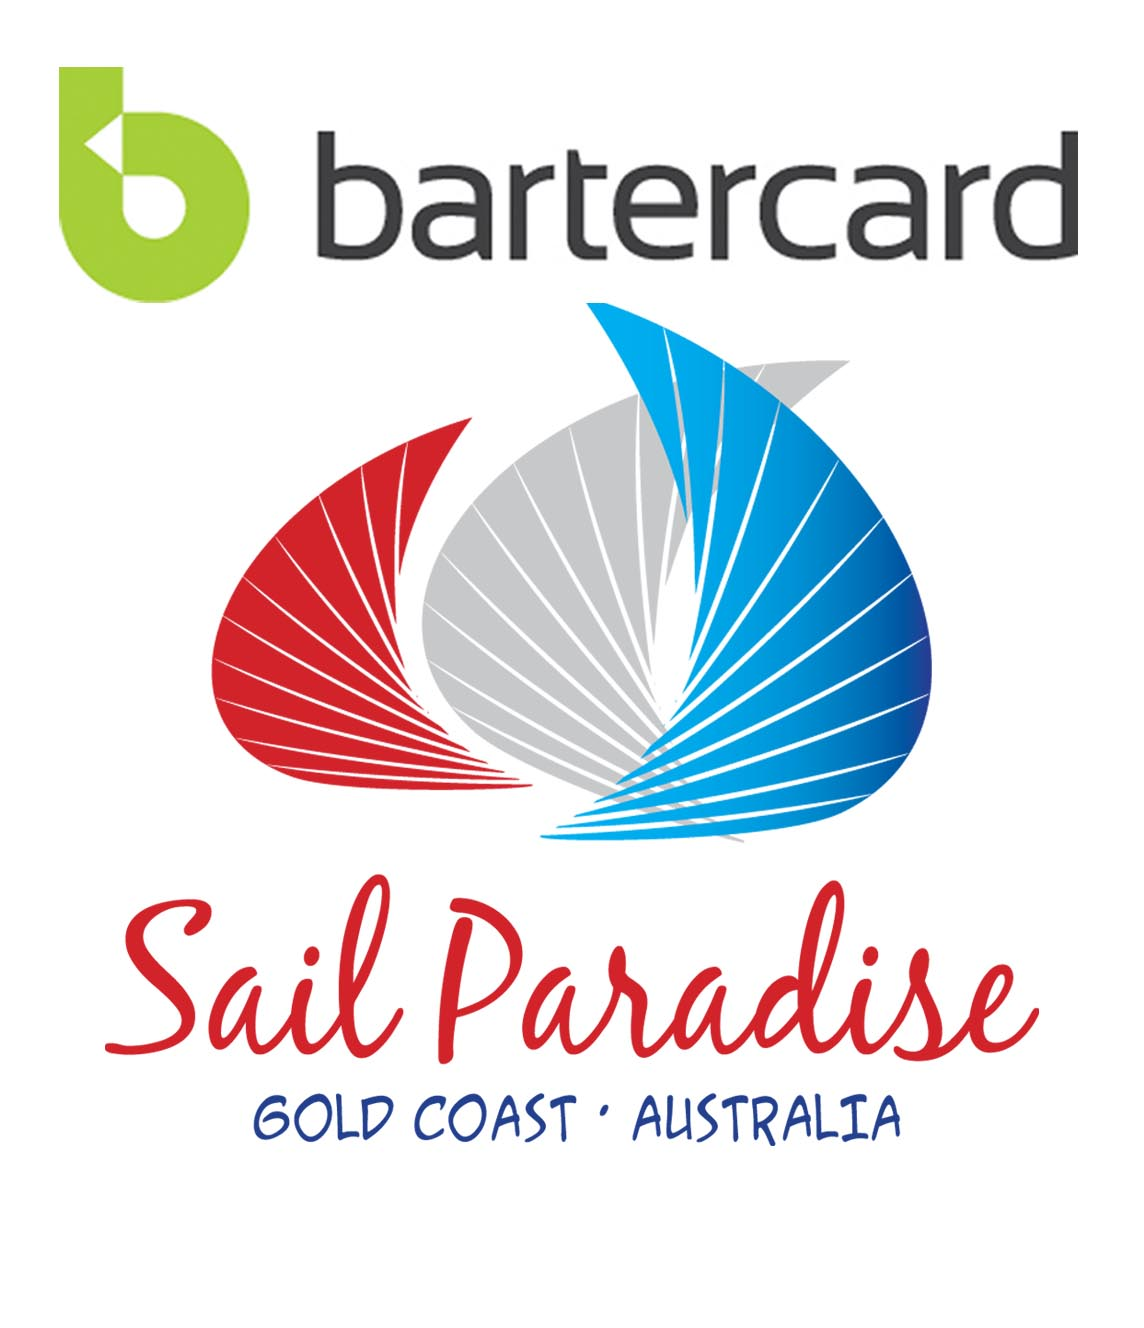 Bartercard_Sail_Paradise_Logo_2016_STACKED FB